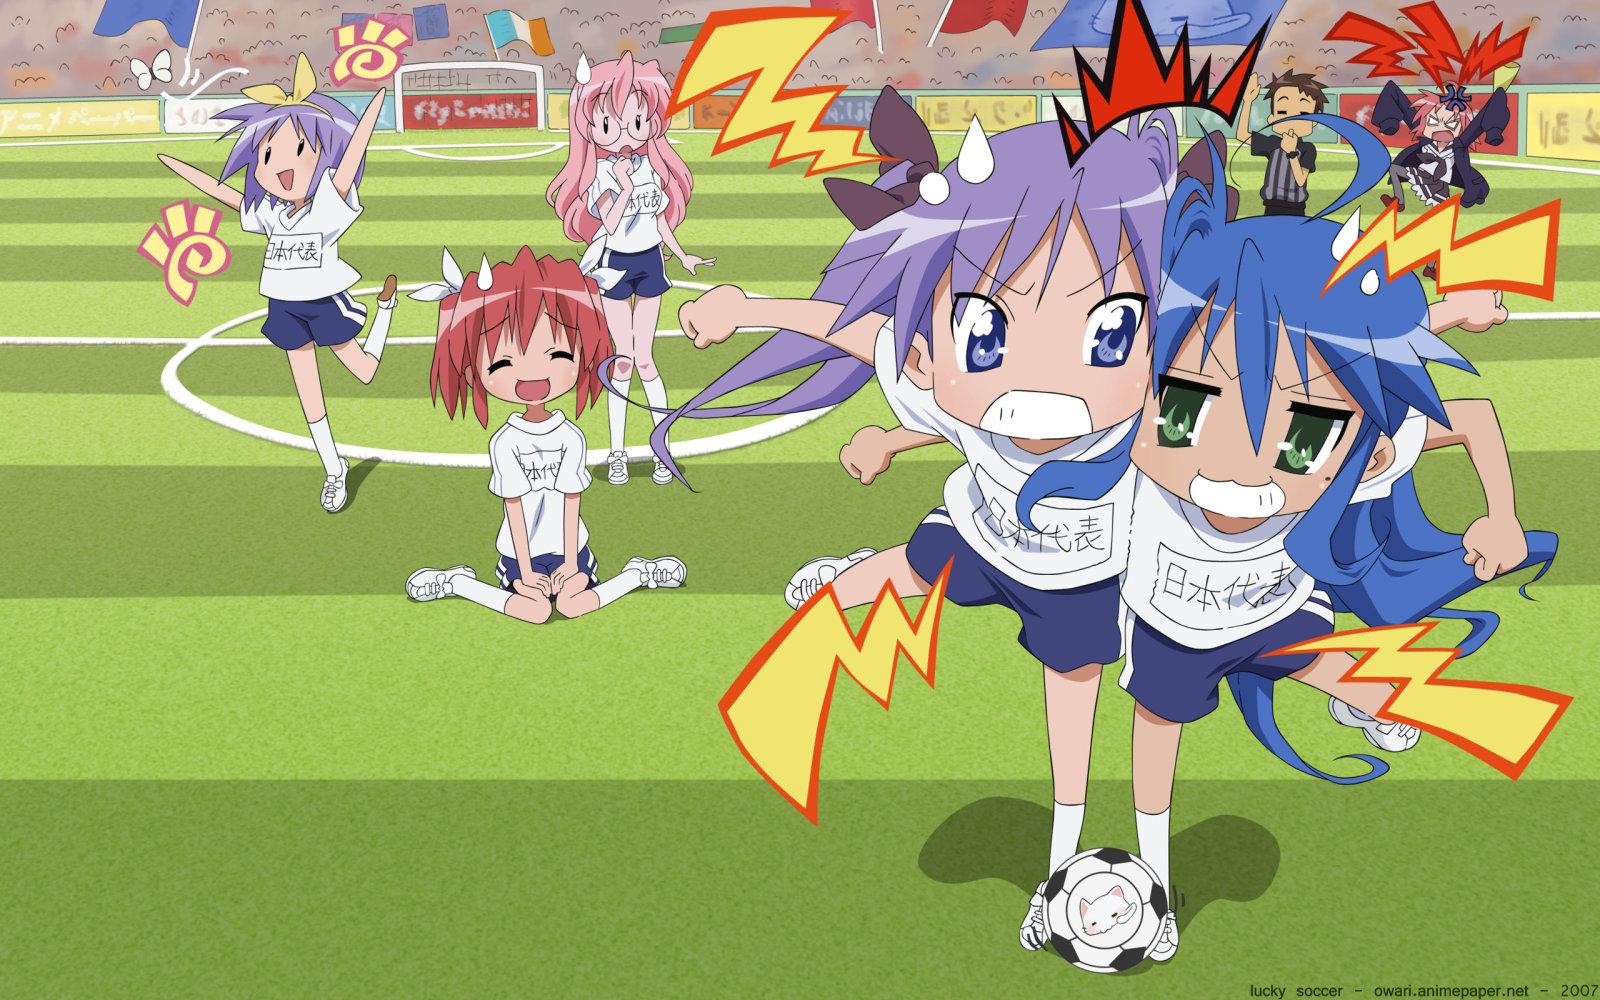 anime-soccer.jpg